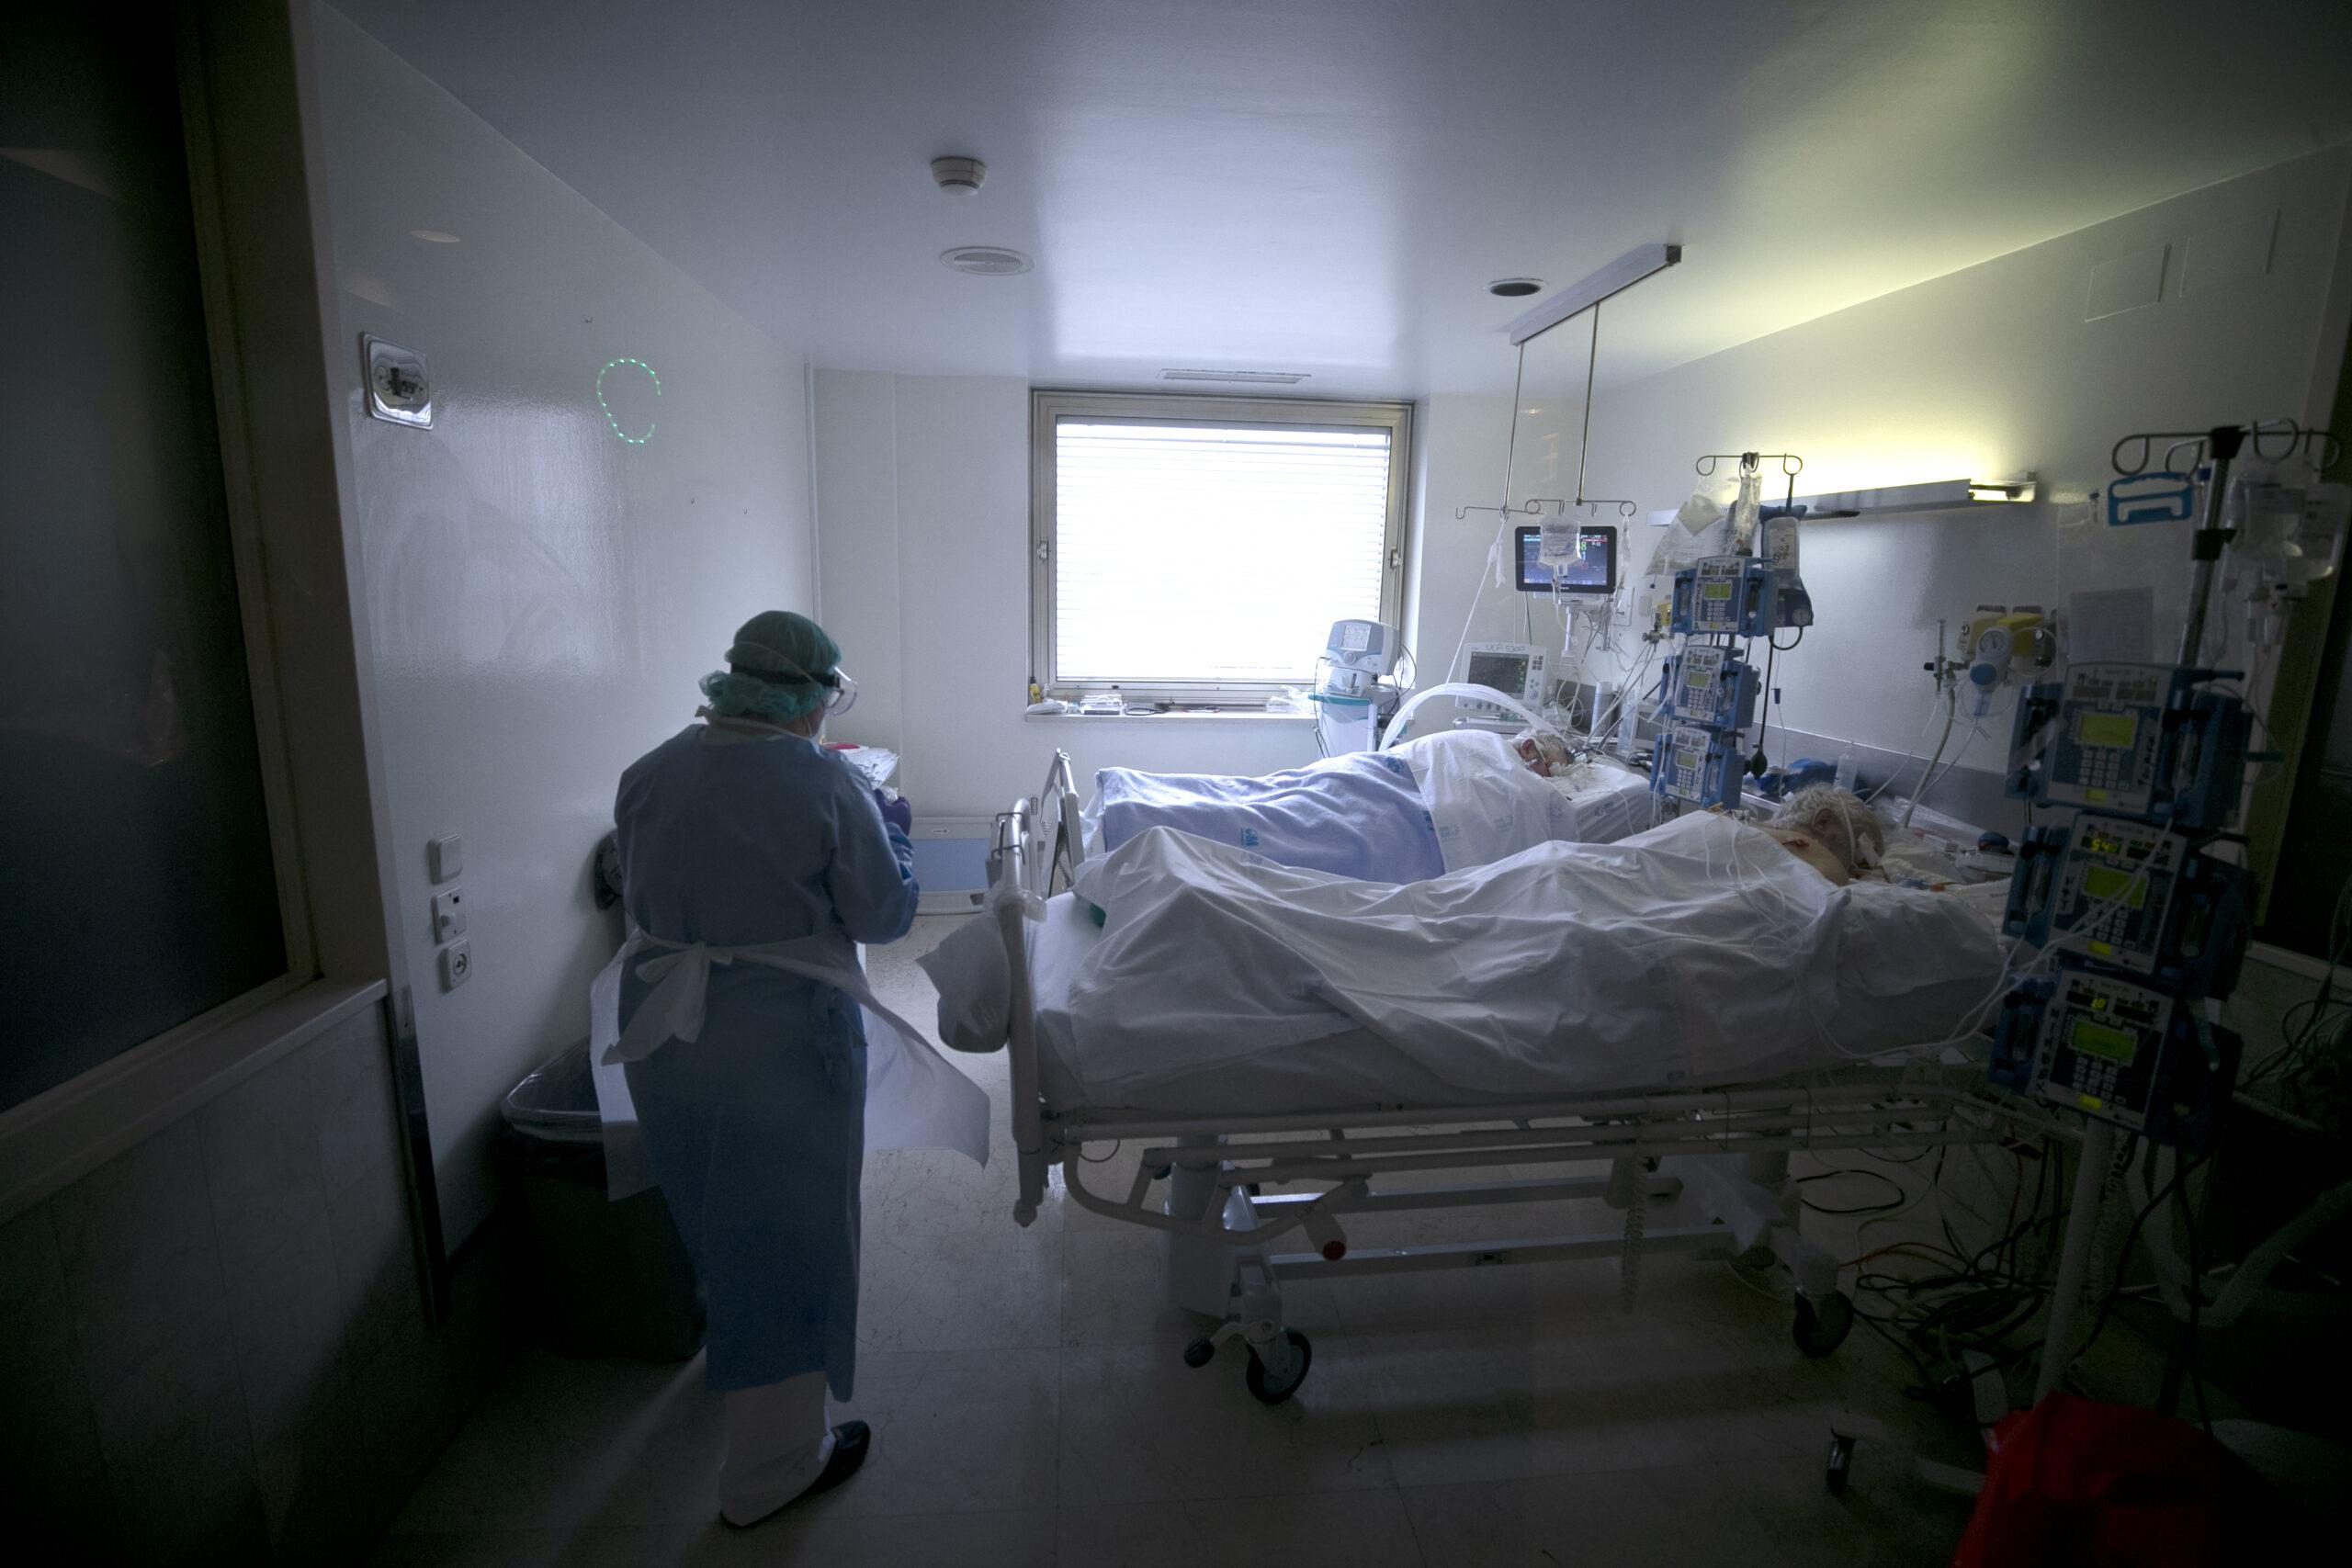 ¡ÚLTIMA HORA! Hospital General de Pátzcuaro llegó a su máxima capacidad para atender a pacientes con COVID-19